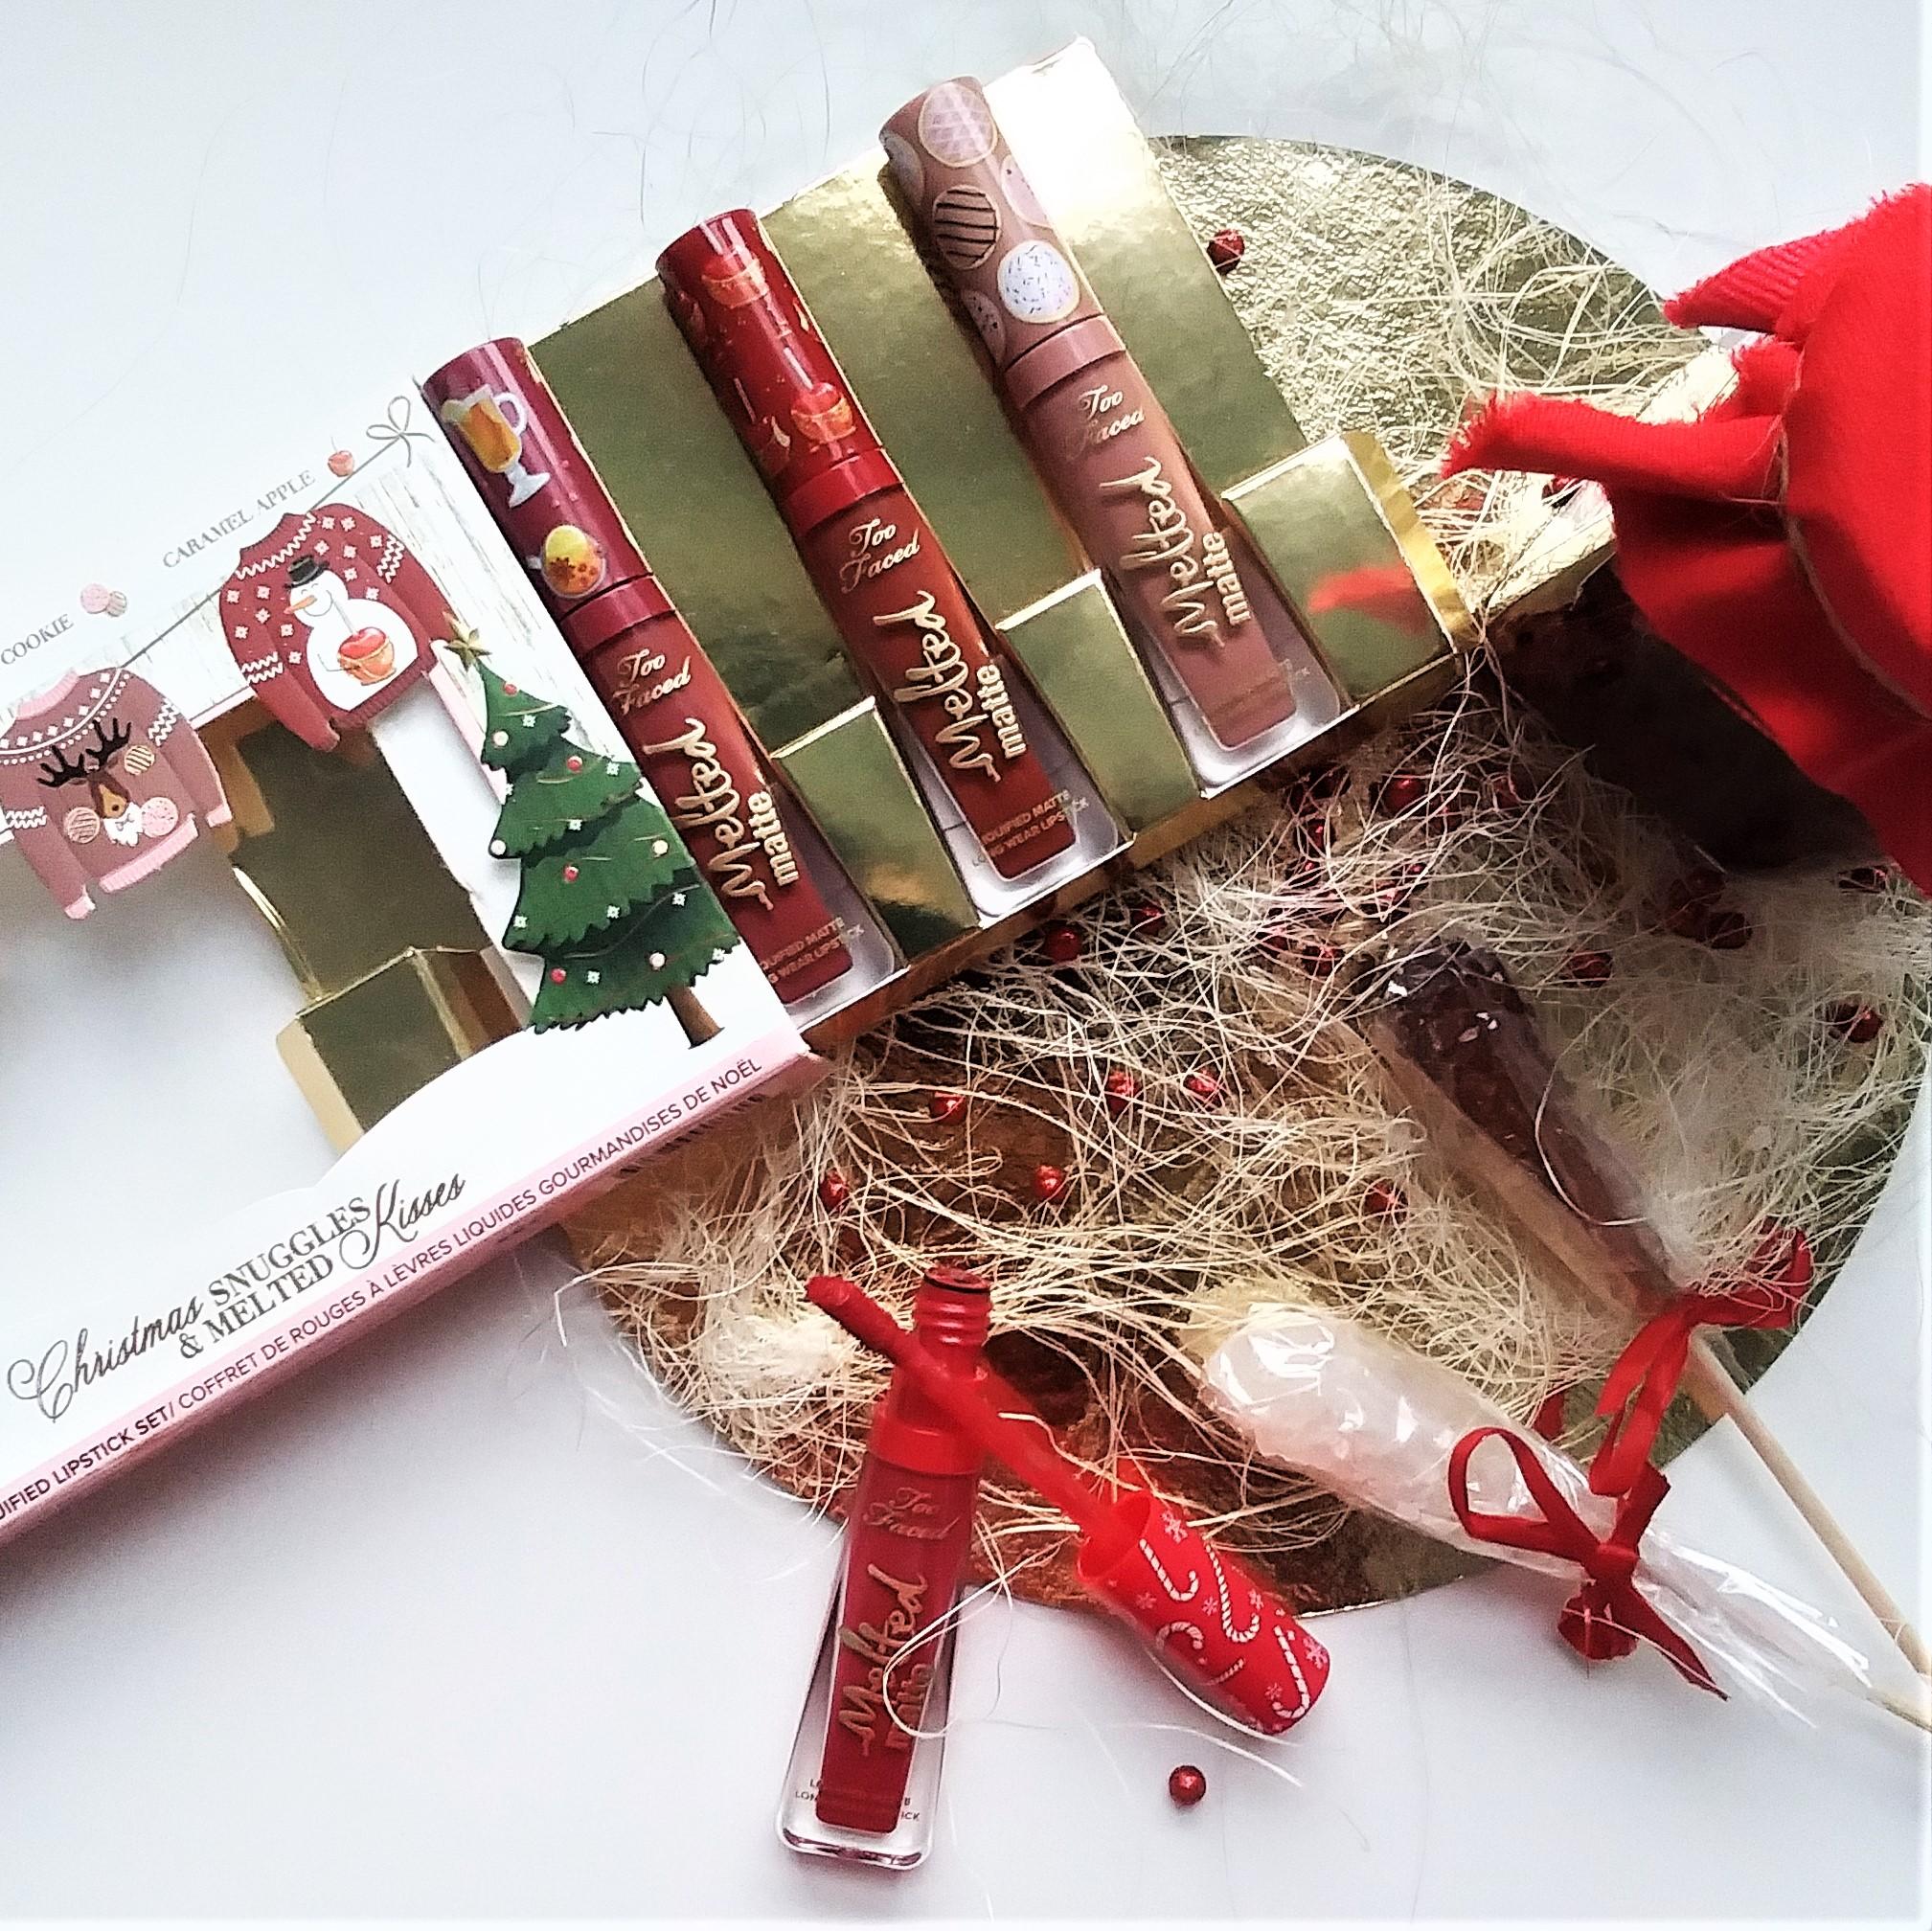 pomadki matowe, pomadki płynne, zestaw świąteczny